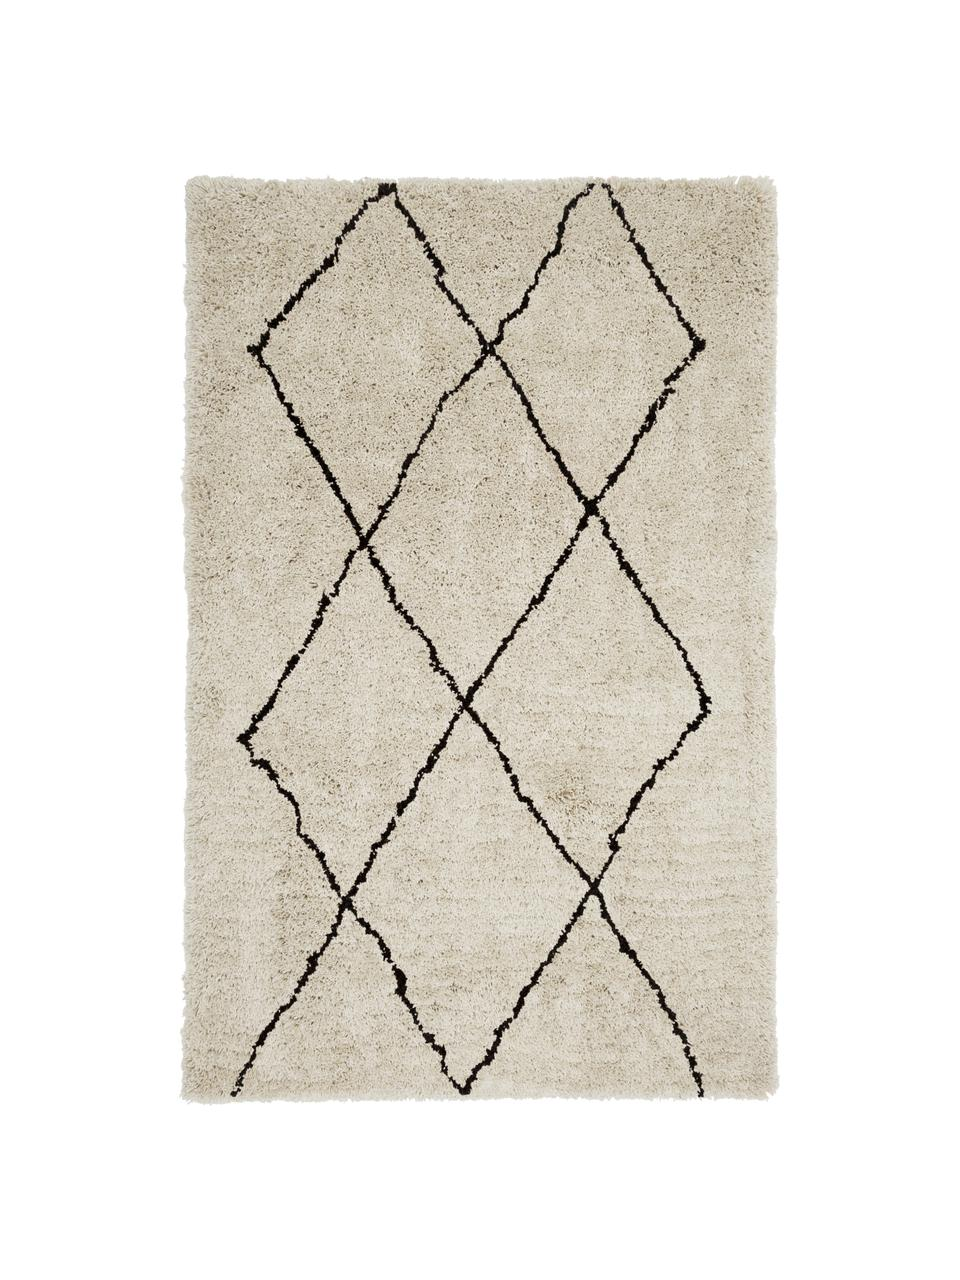 Flauschiger Hochflor-Teppich Nouria, handgetuftet, Flor: 100% Polyester, Beige, Schwarz, B 200 x L 300 cm (Größe L)